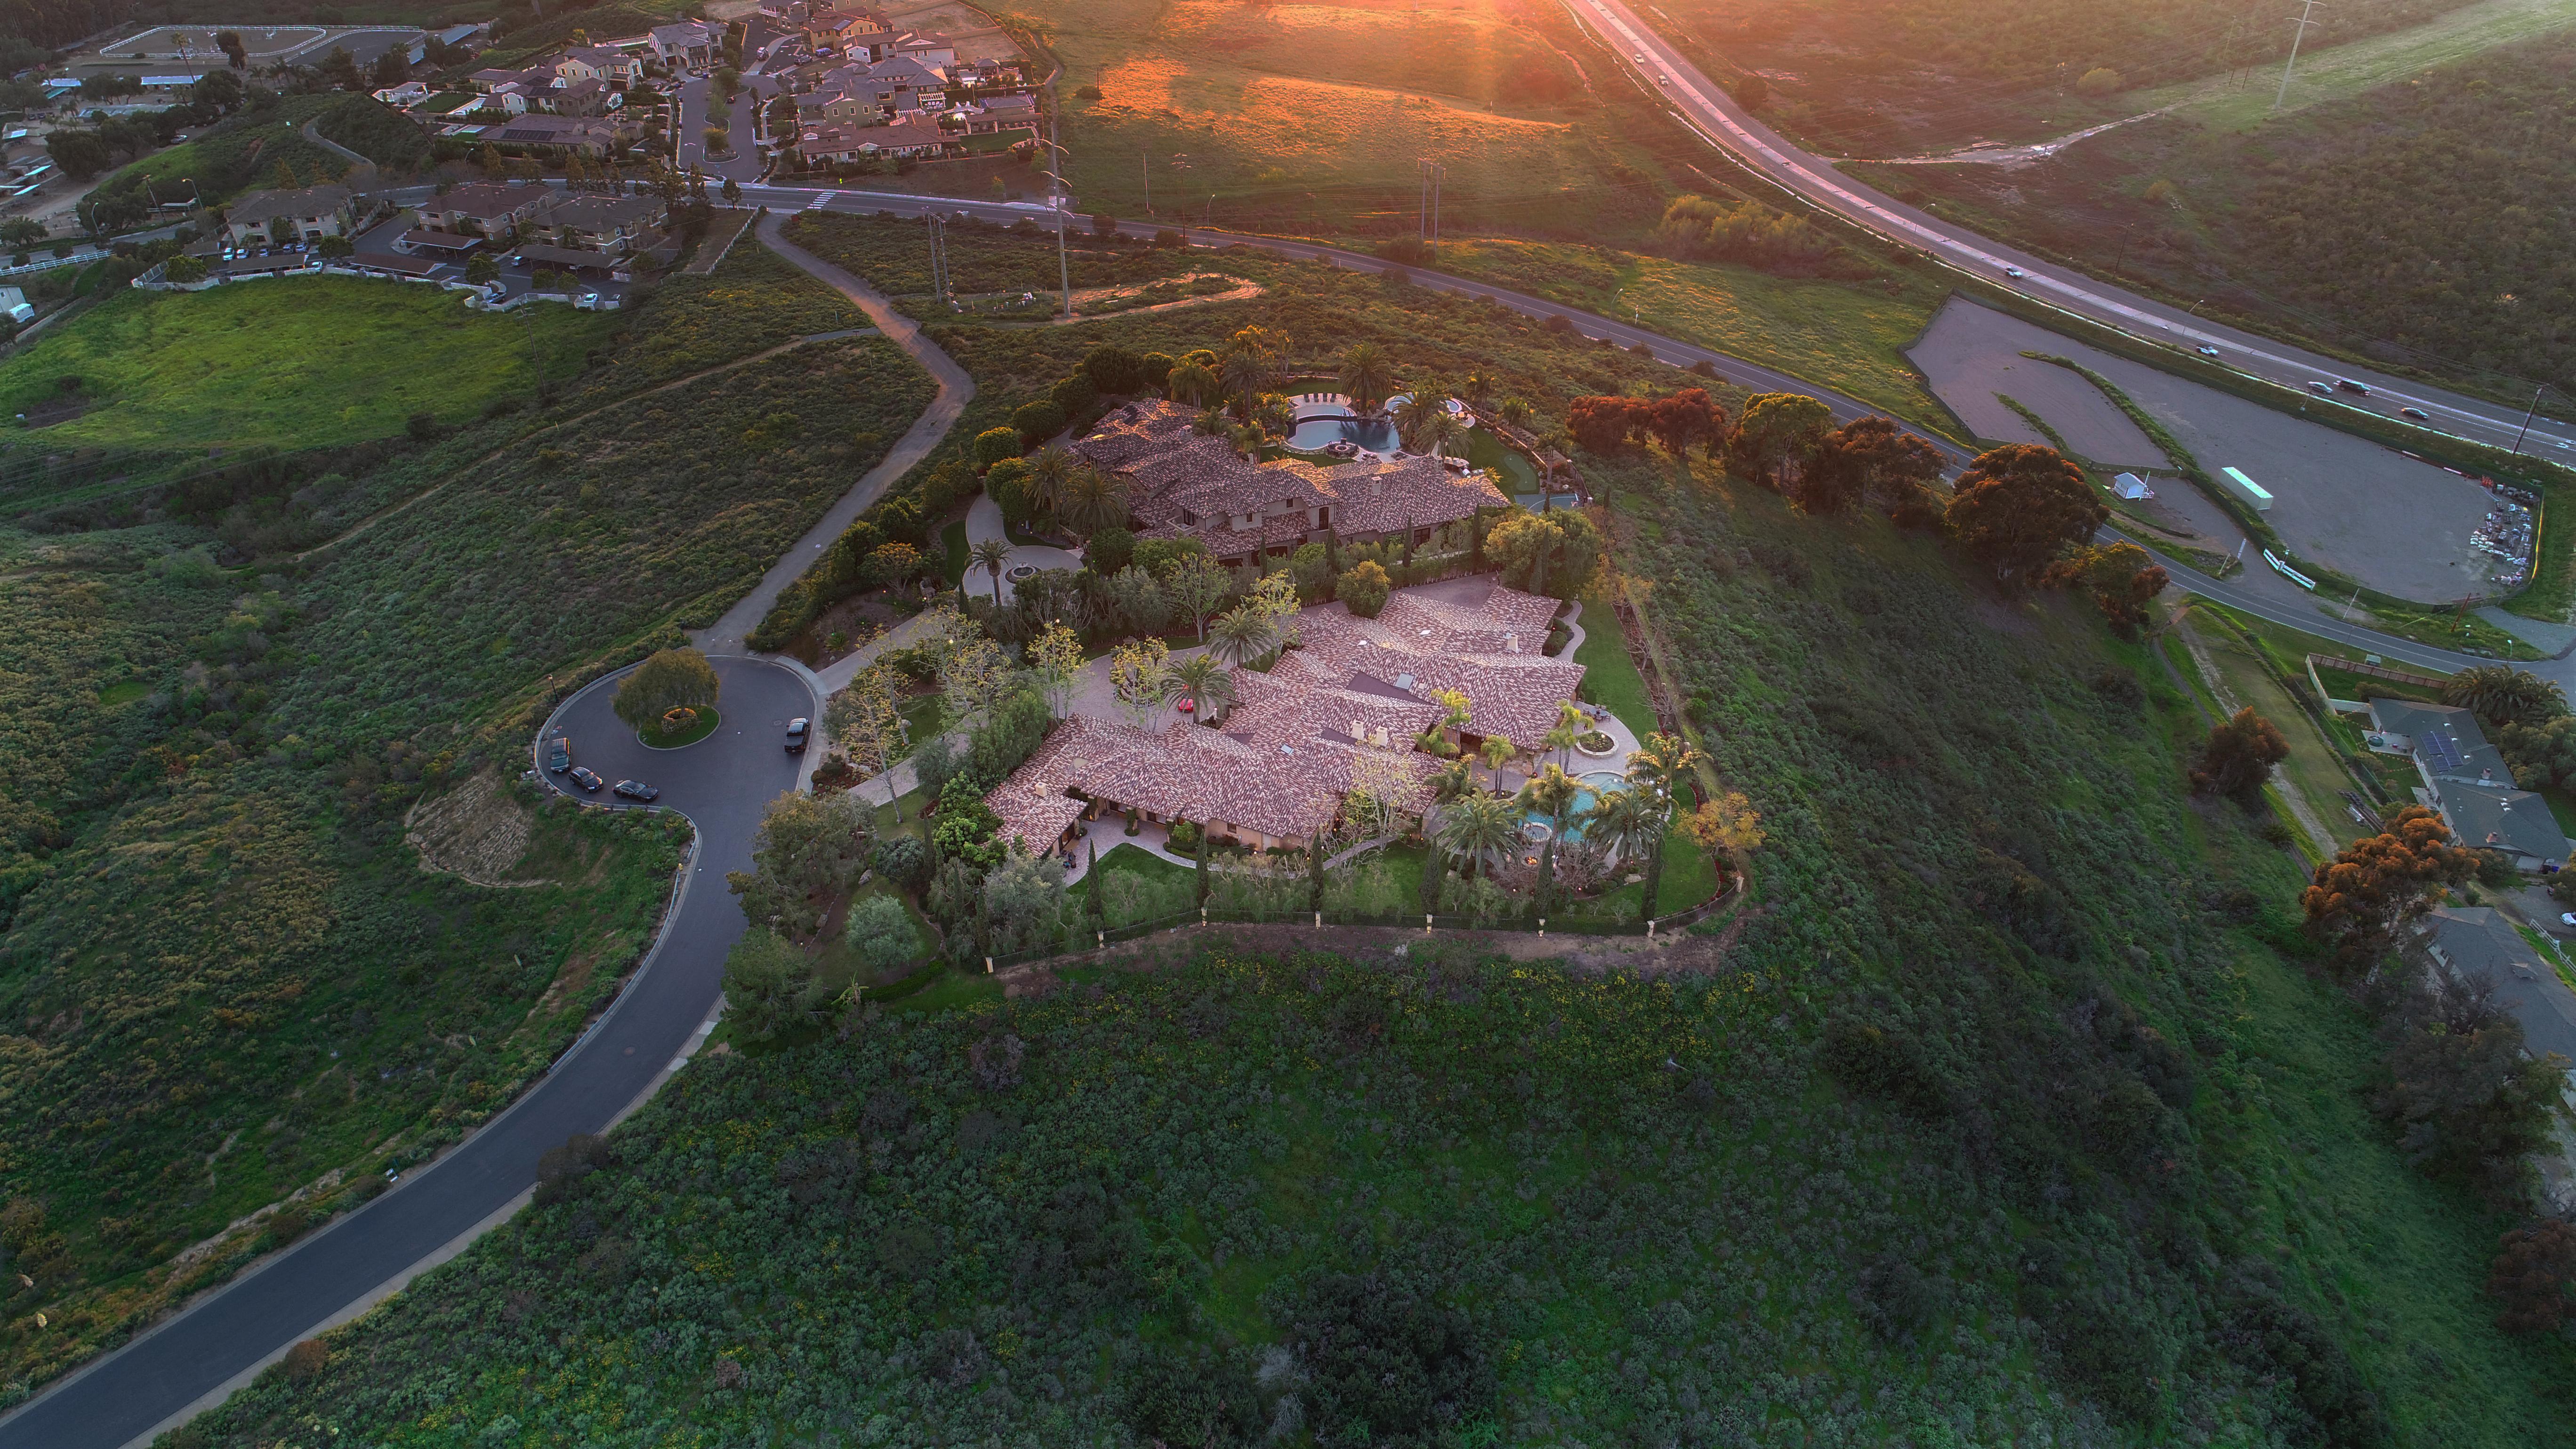 4130-rancho-las-brisas-aerial-large-9